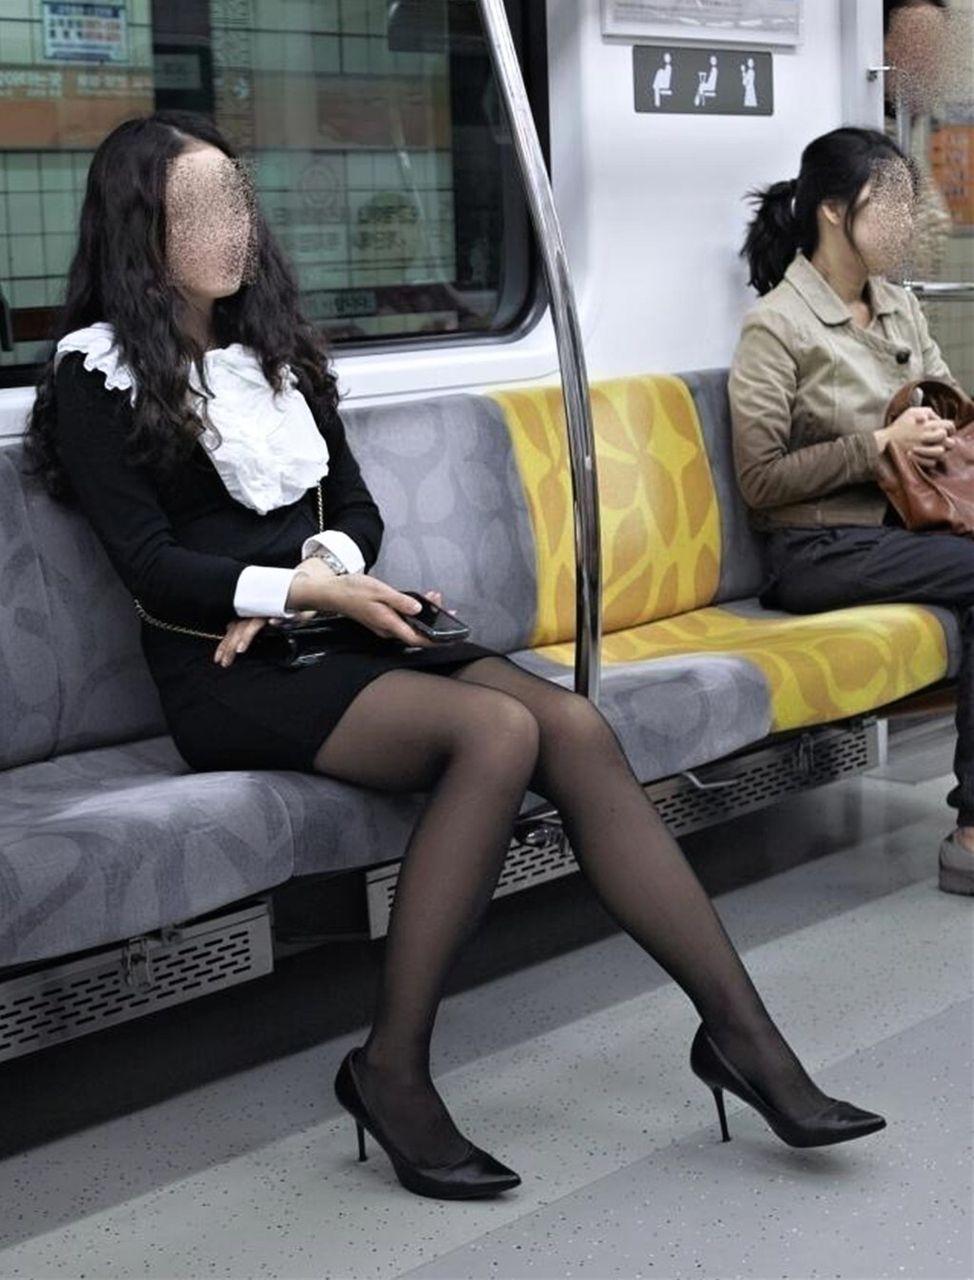 細見体型のお姉さんがセクシー!